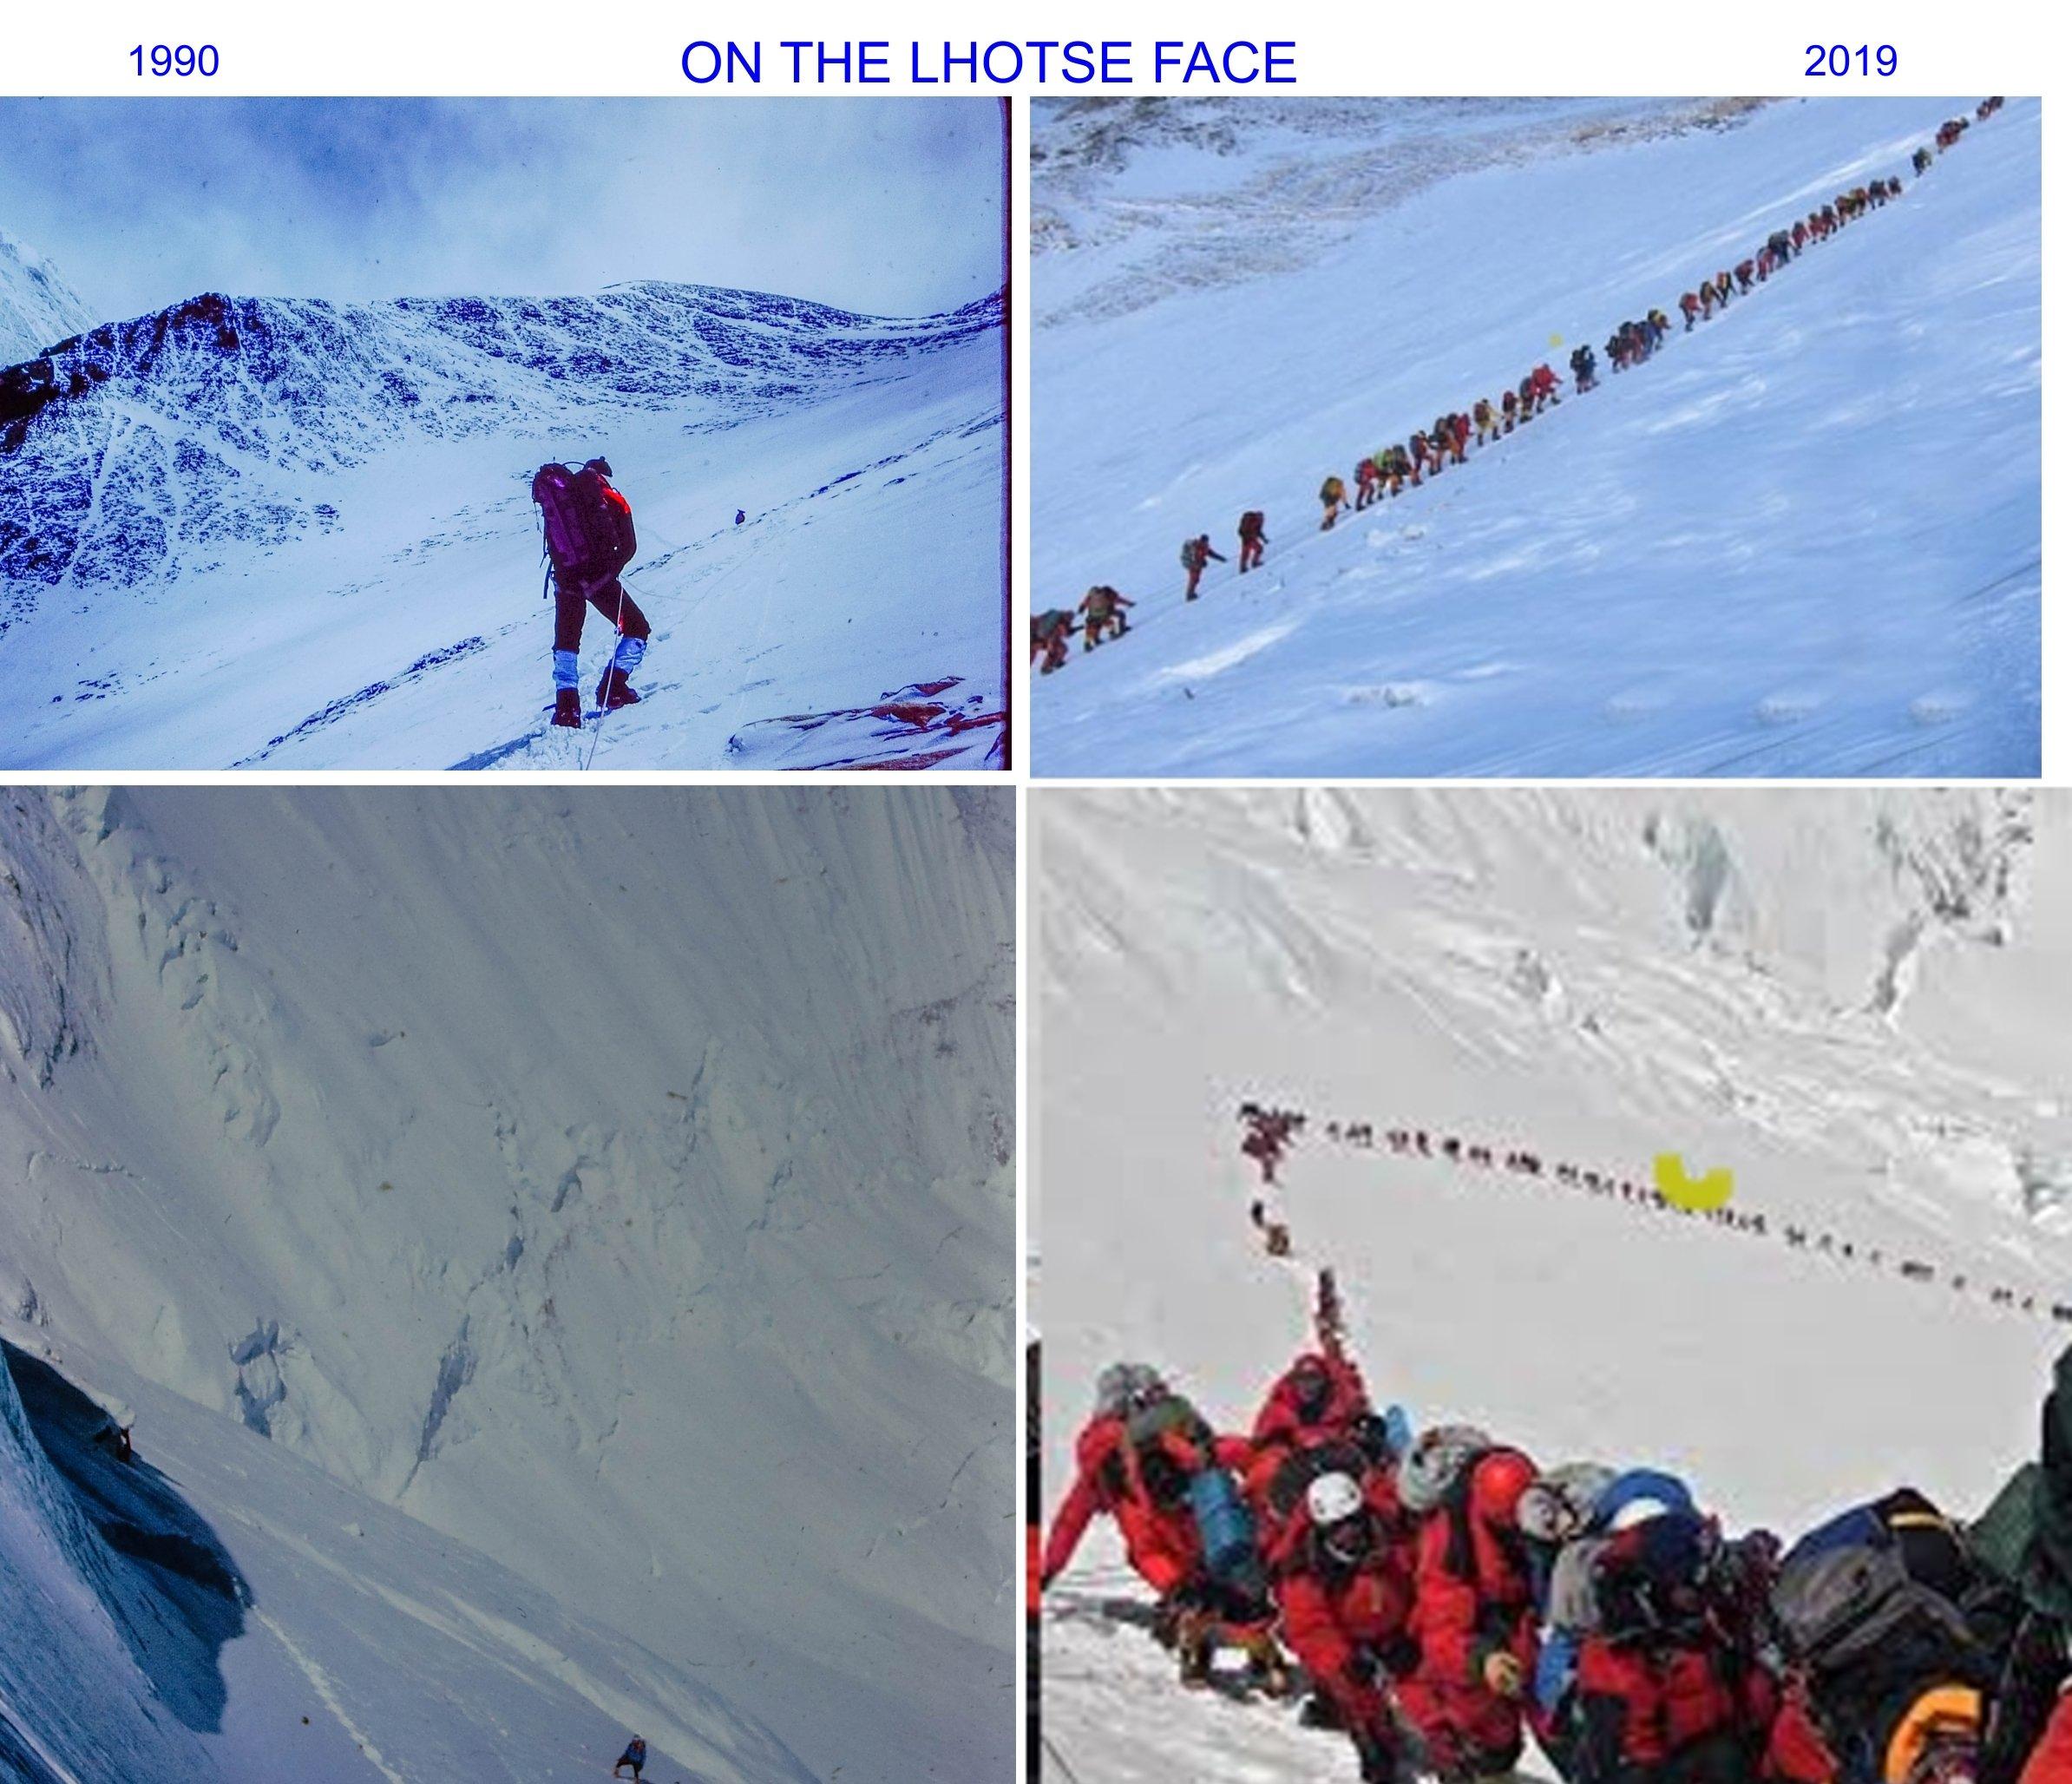 On the Lhotse Face